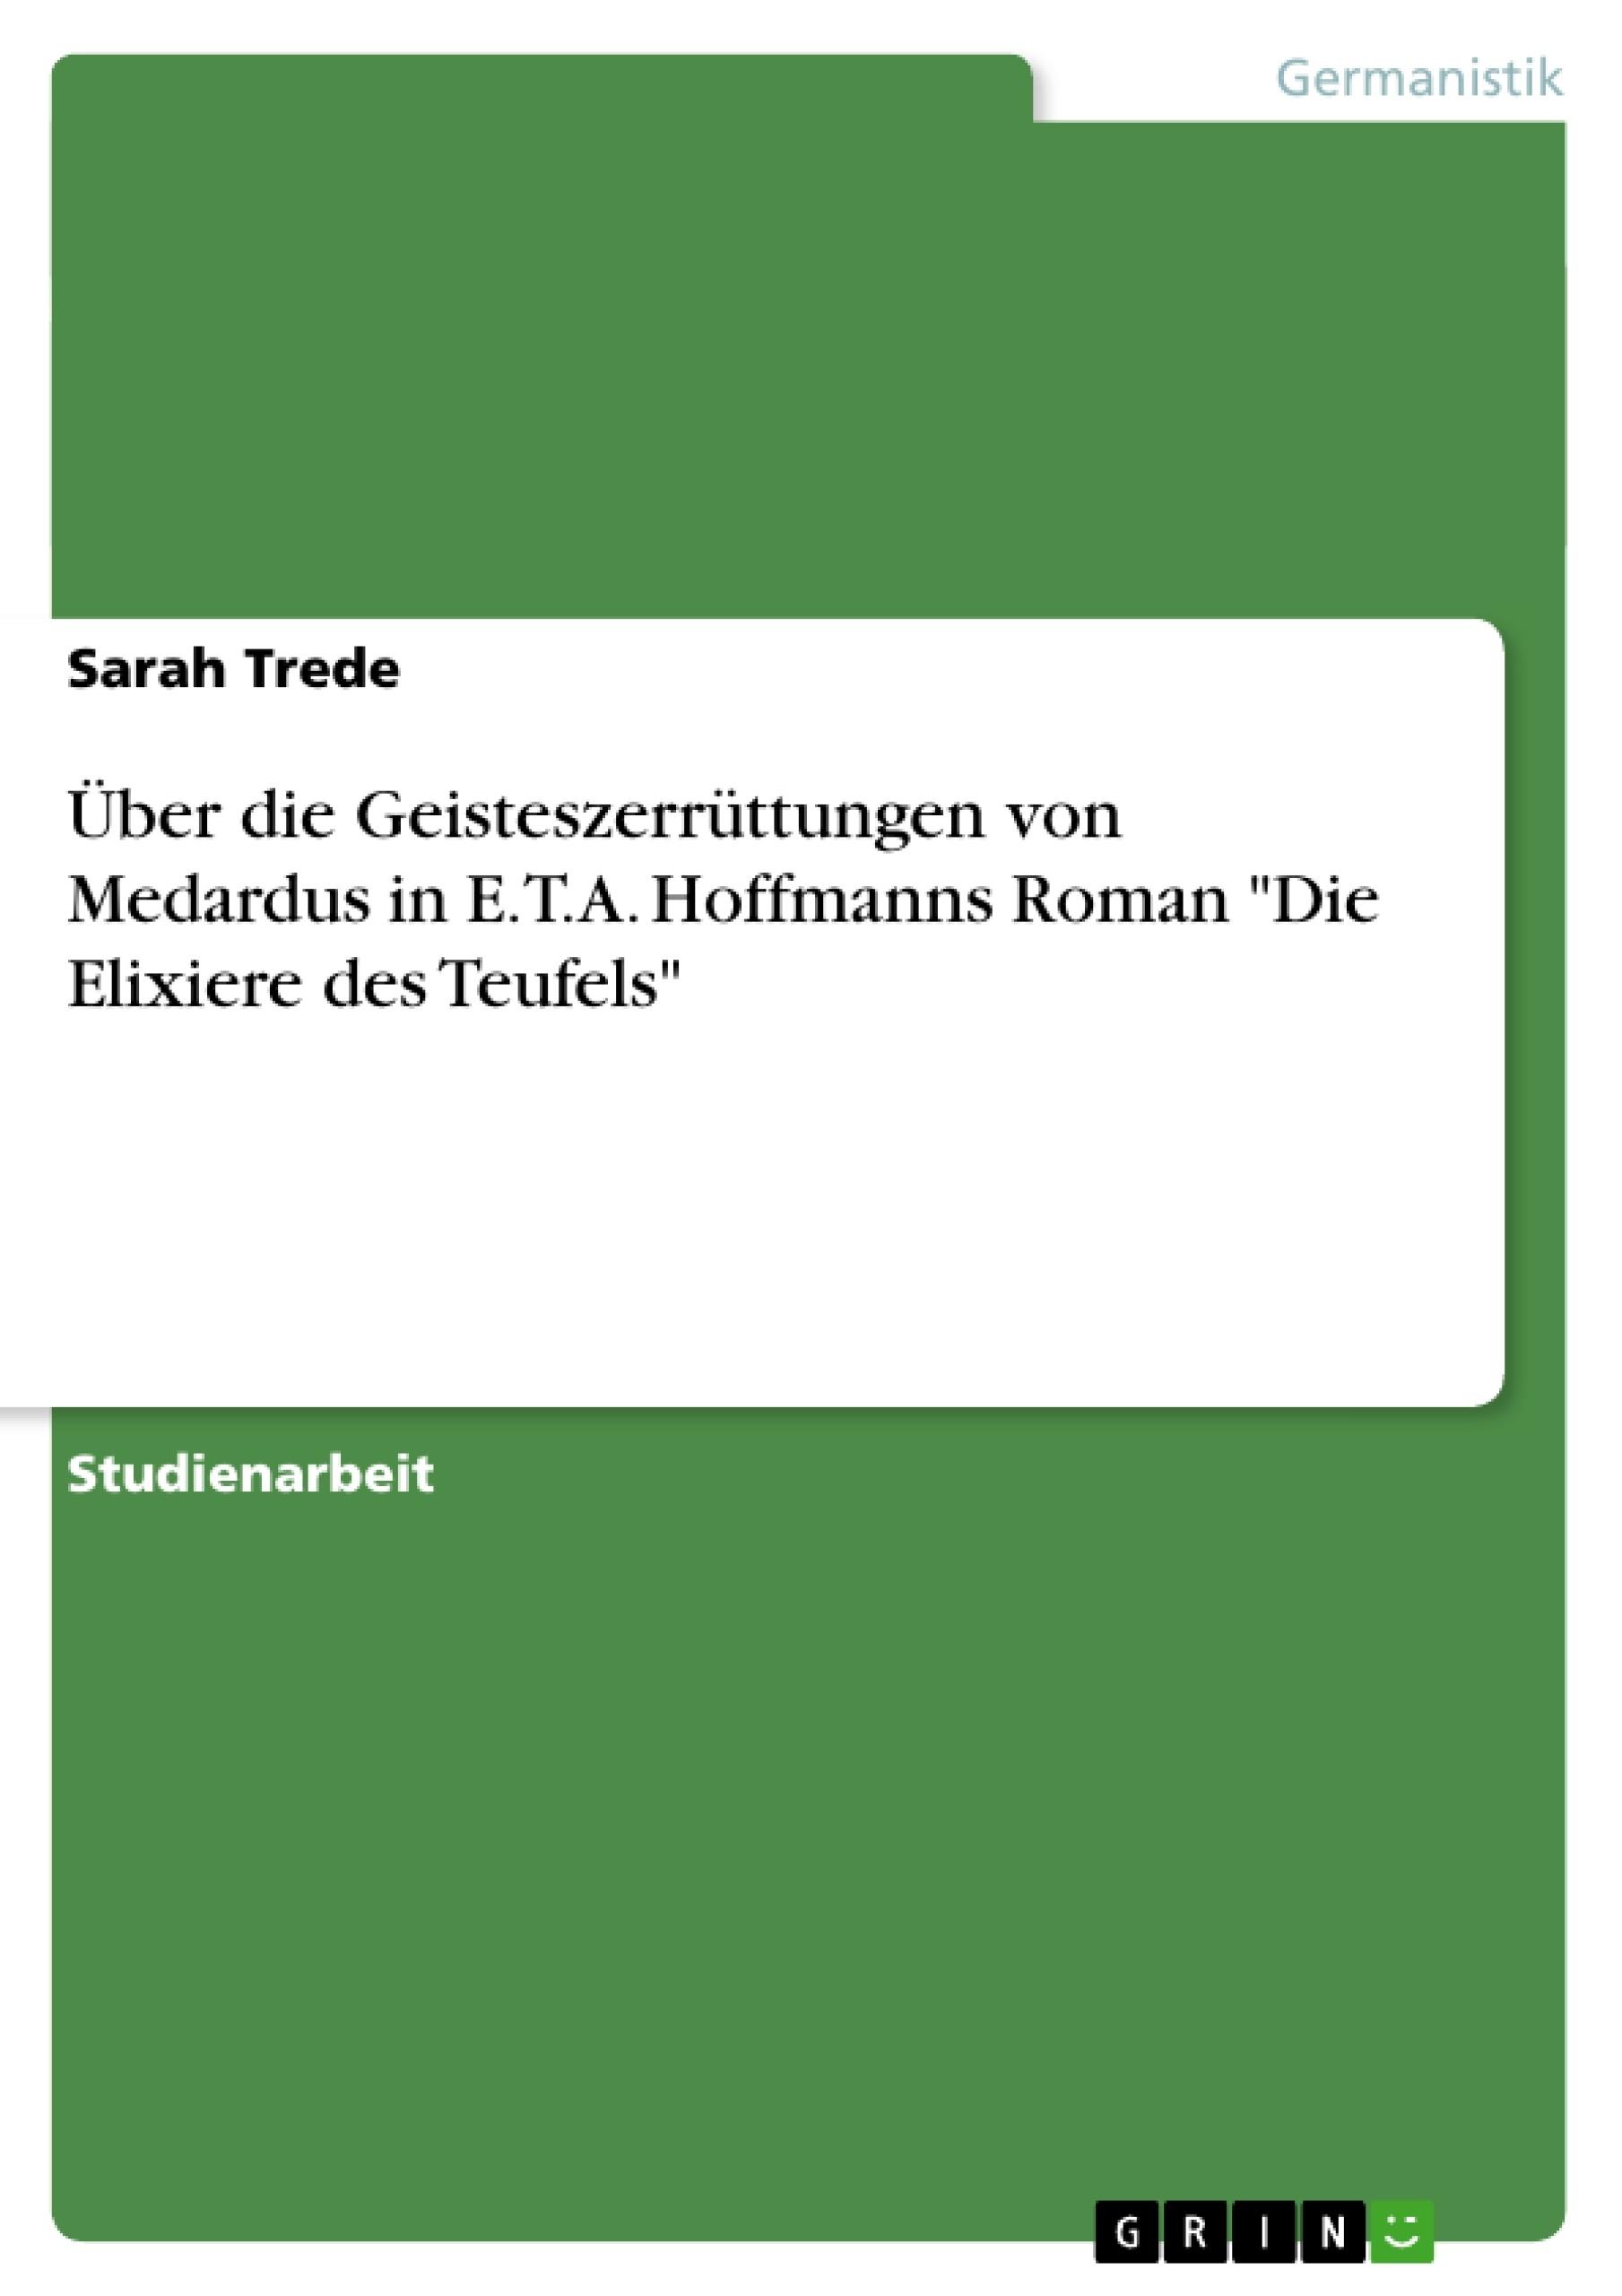 """Titel: Über die Geisteszerrüttungen von Medardus in E.T.A. Hoffmanns Roman """"Die Elixiere des Teufels"""""""